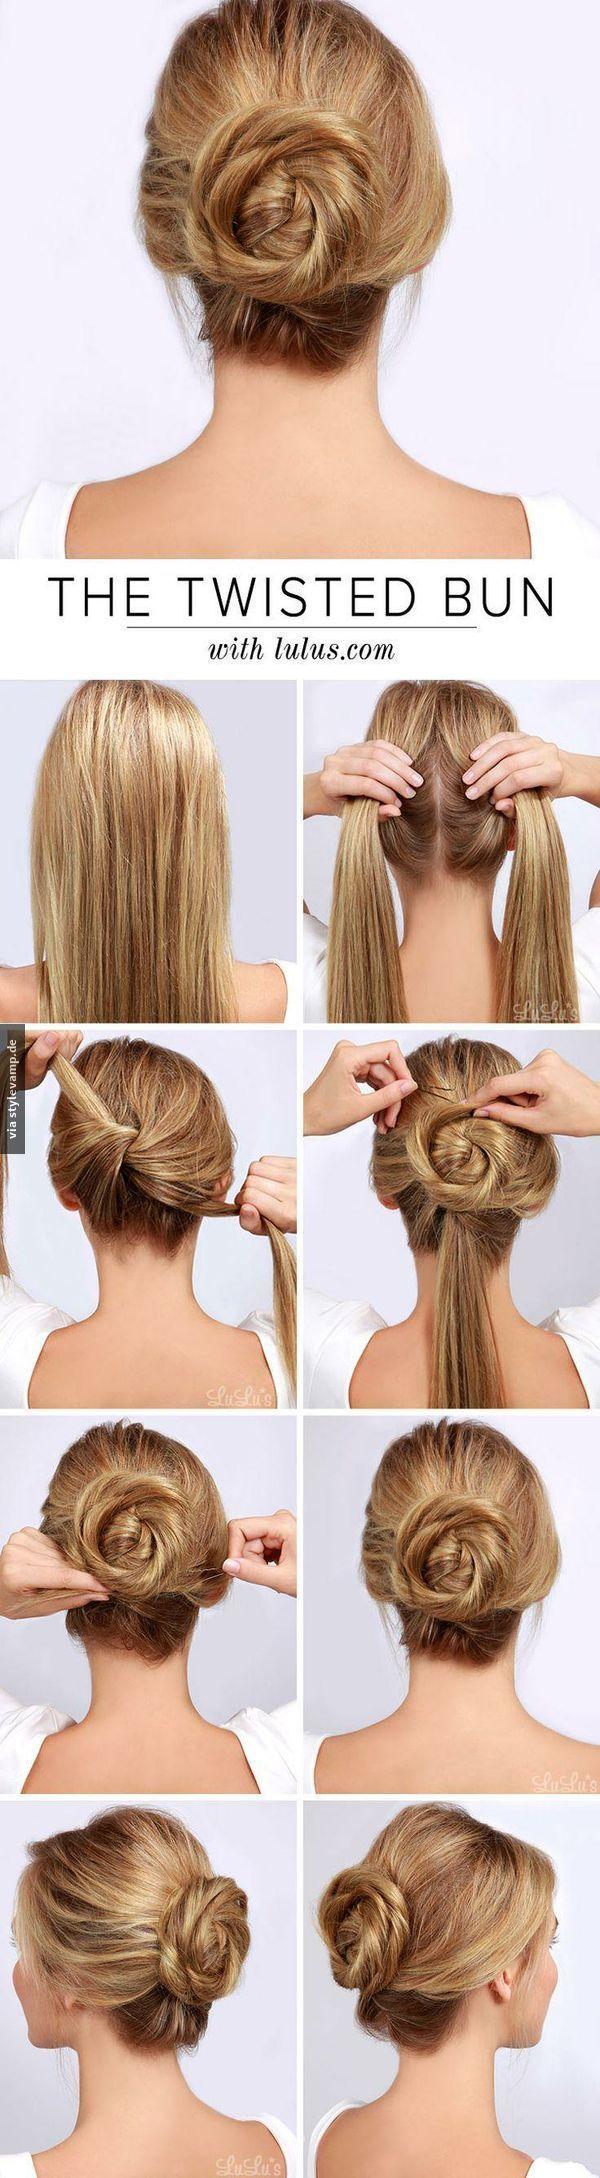 15 Einfache, aber atemberaubende Frisuren-Tutorials für faule Frauen